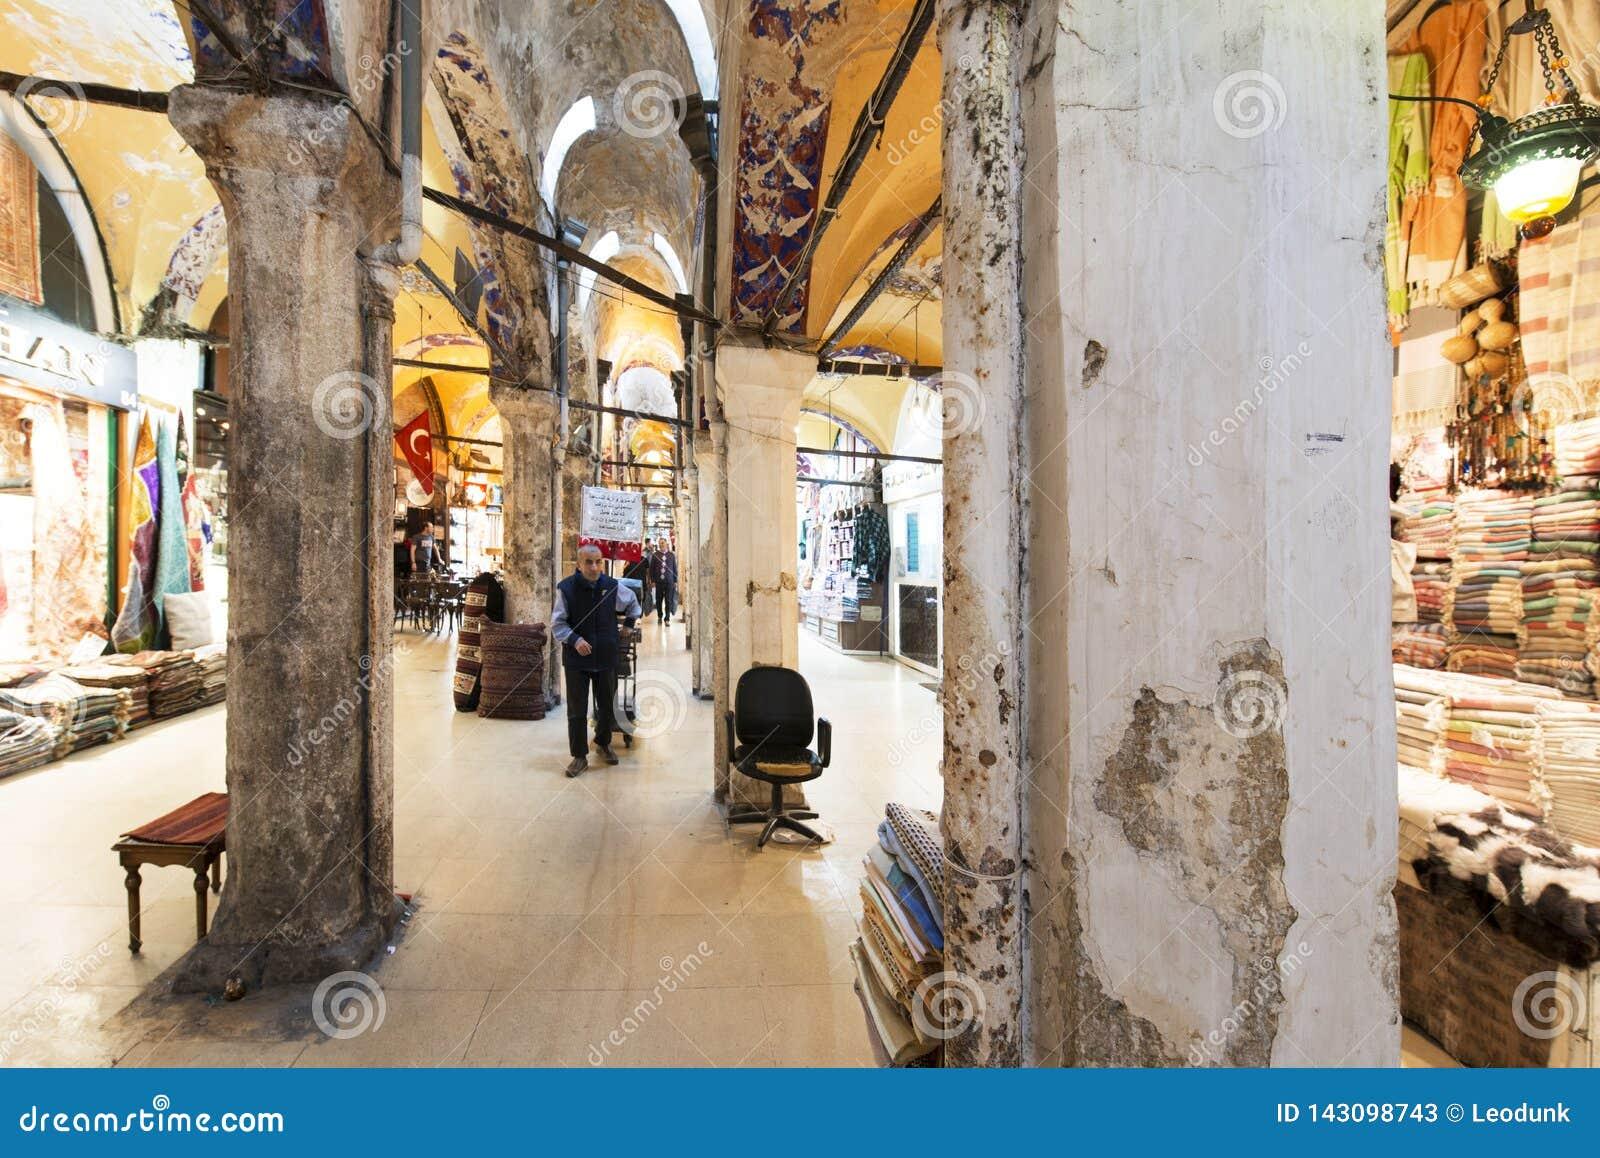 Alte Spalten im großartigen Basar, einer des ältesten Einkaufszentrums in der Geschichte Dieser Markt ist in Istanbul, die Türkei